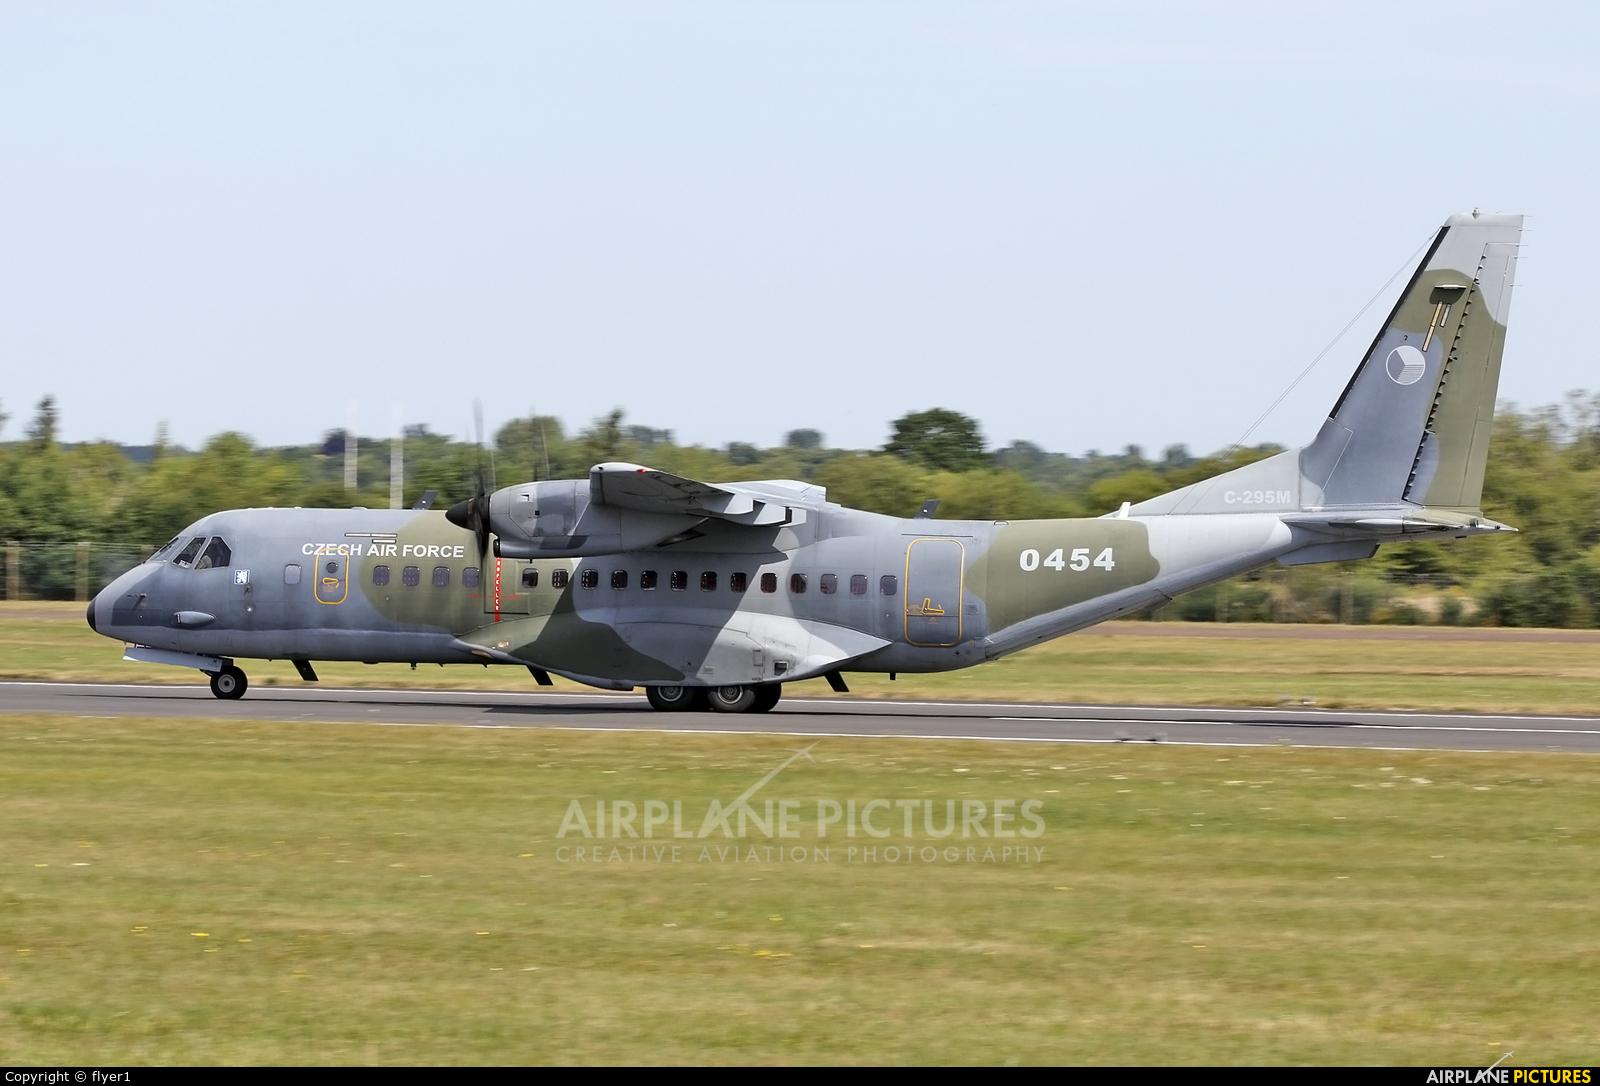 Czech - Air Force 0453 aircraft at Fairford